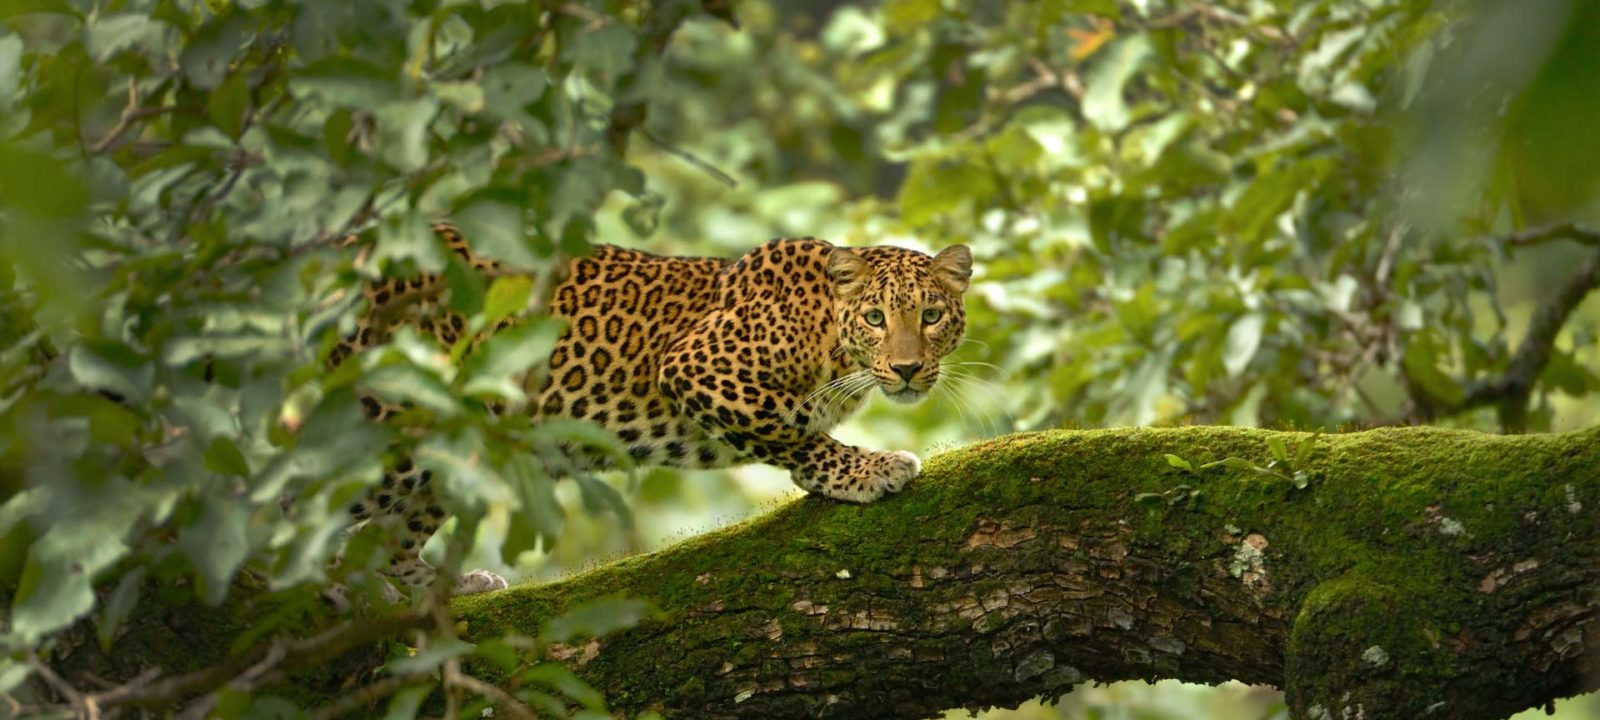 BBCA_WildIndia_1920x1080